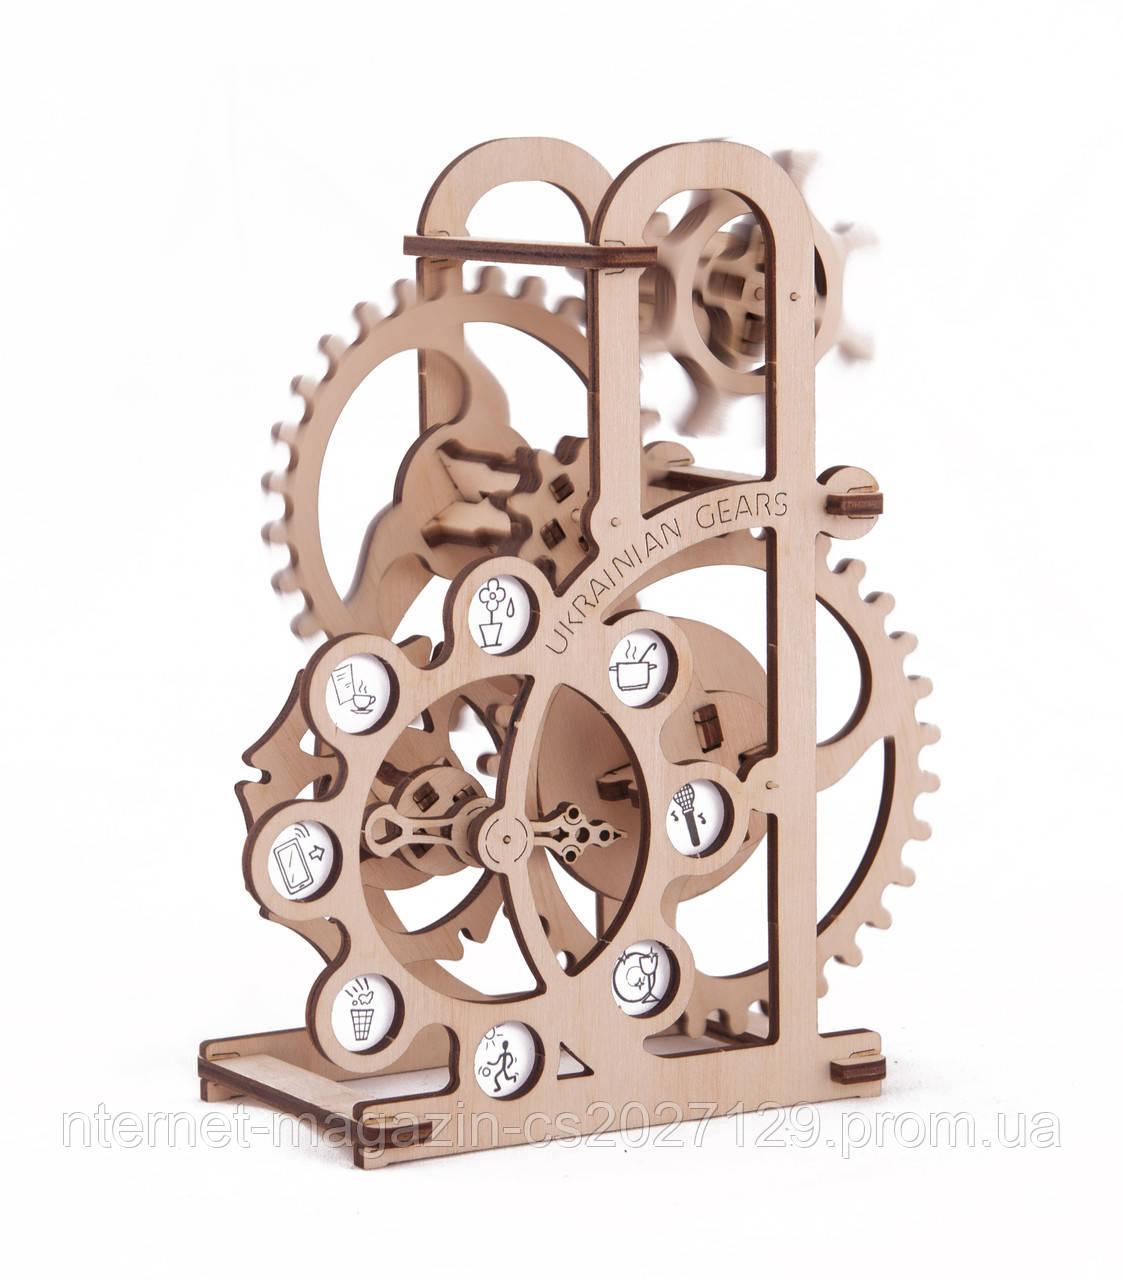 Деревянный конструктор - механический Силомер